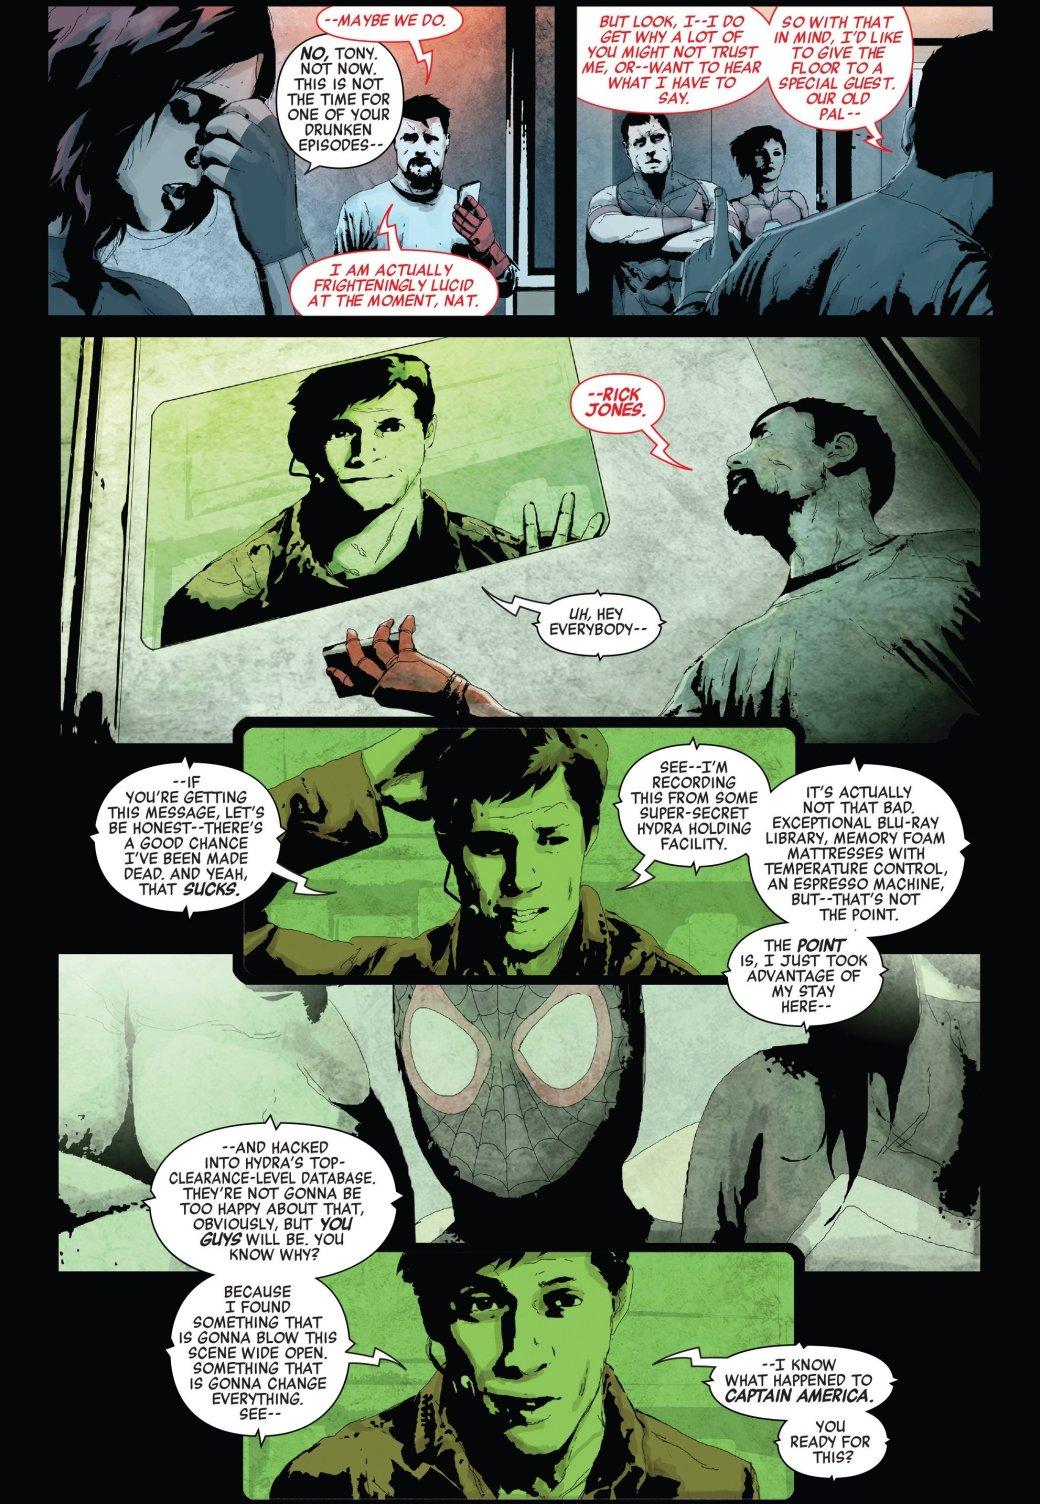 Secret Empire: Гидра сломала супергероев, и теперь они готовы убивать   Канобу - Изображение 6